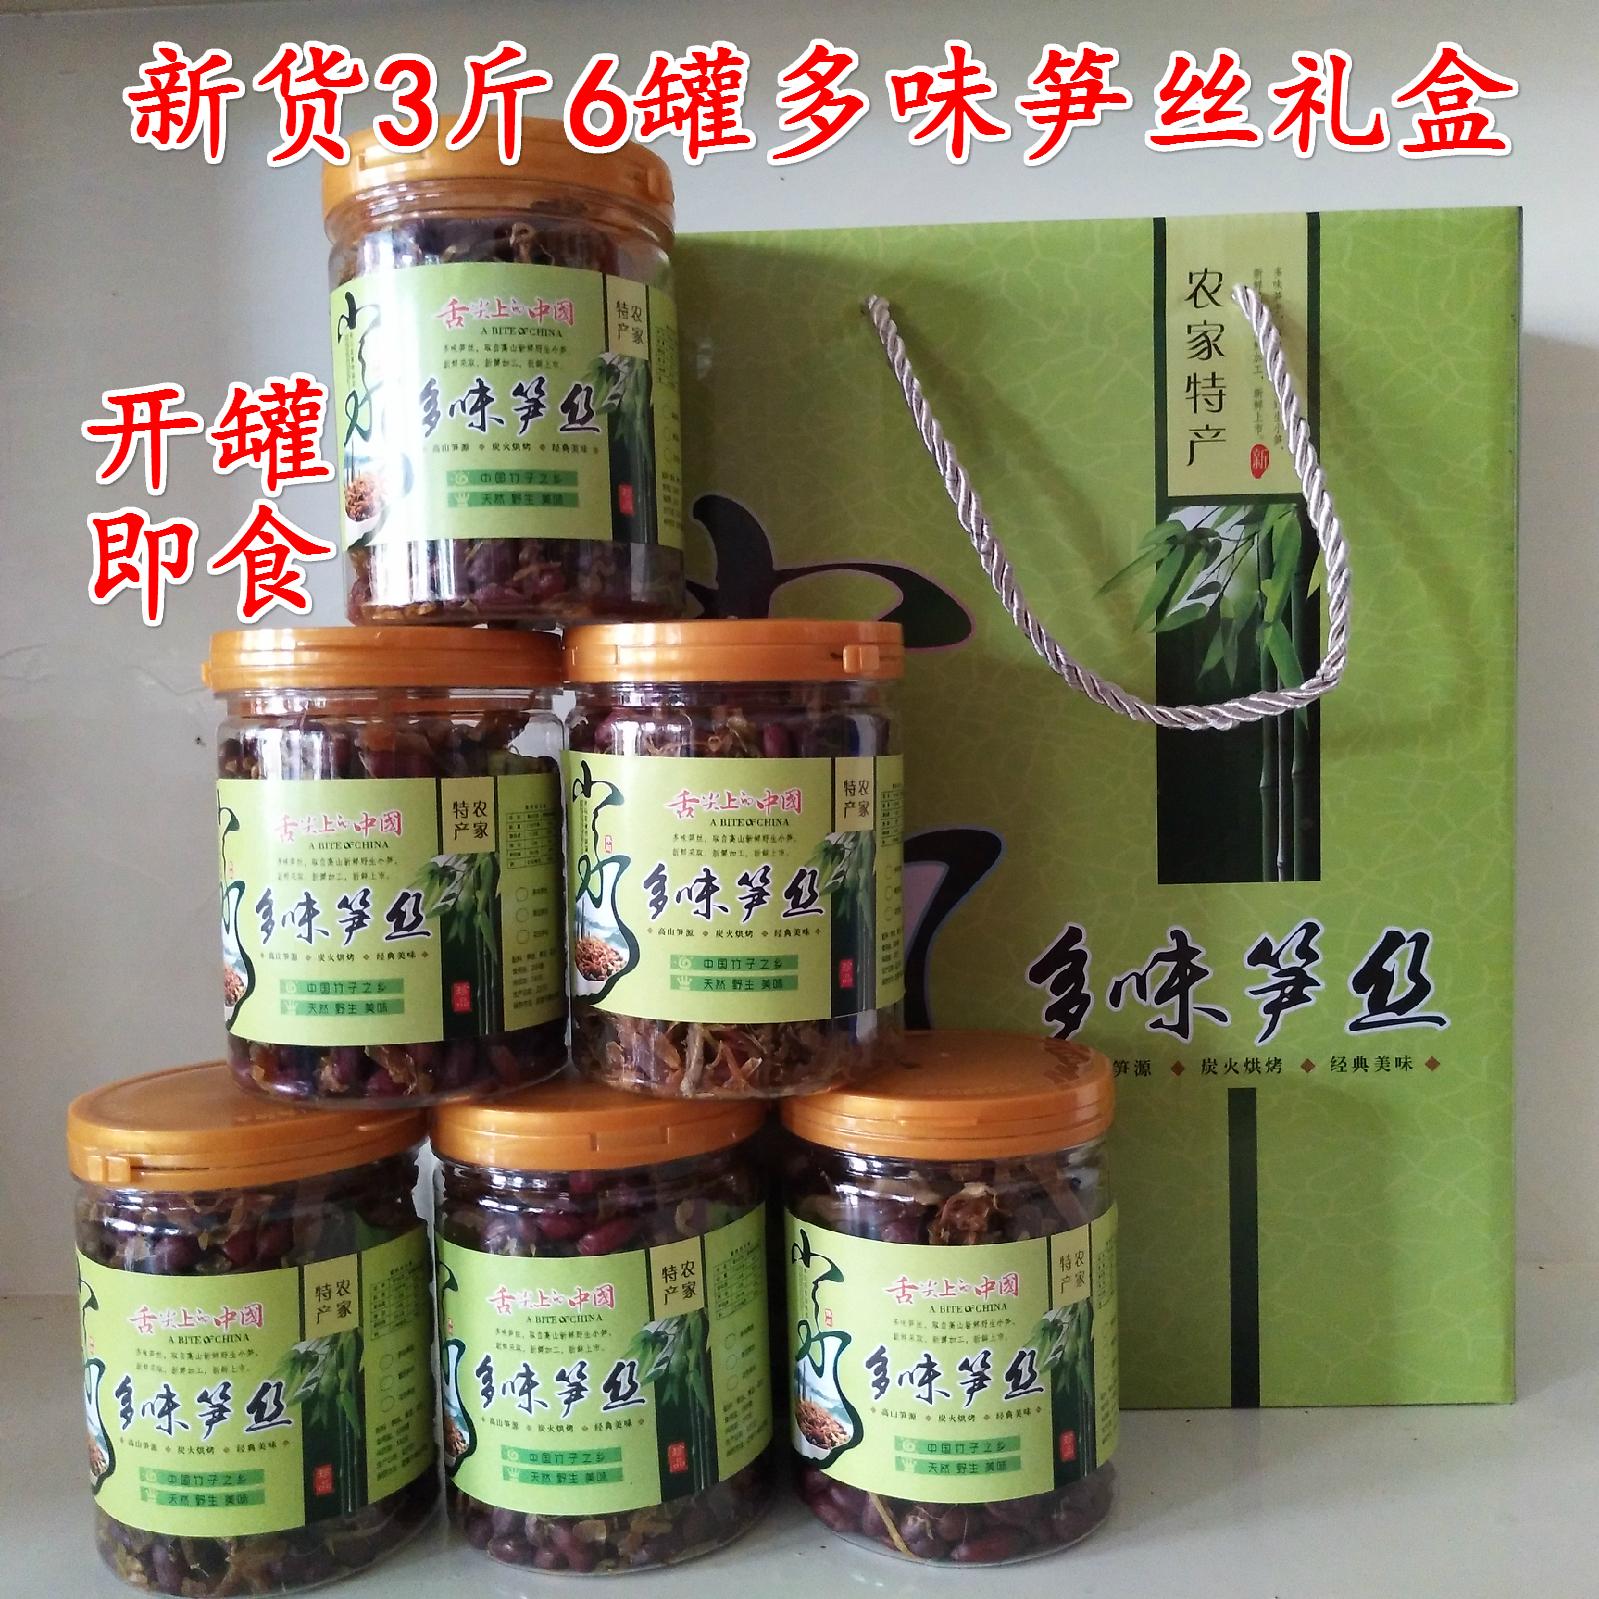 新货临安农家特产多味笋丝笋干礼盒装笋干花生笋丝青豆3斤6罐即食